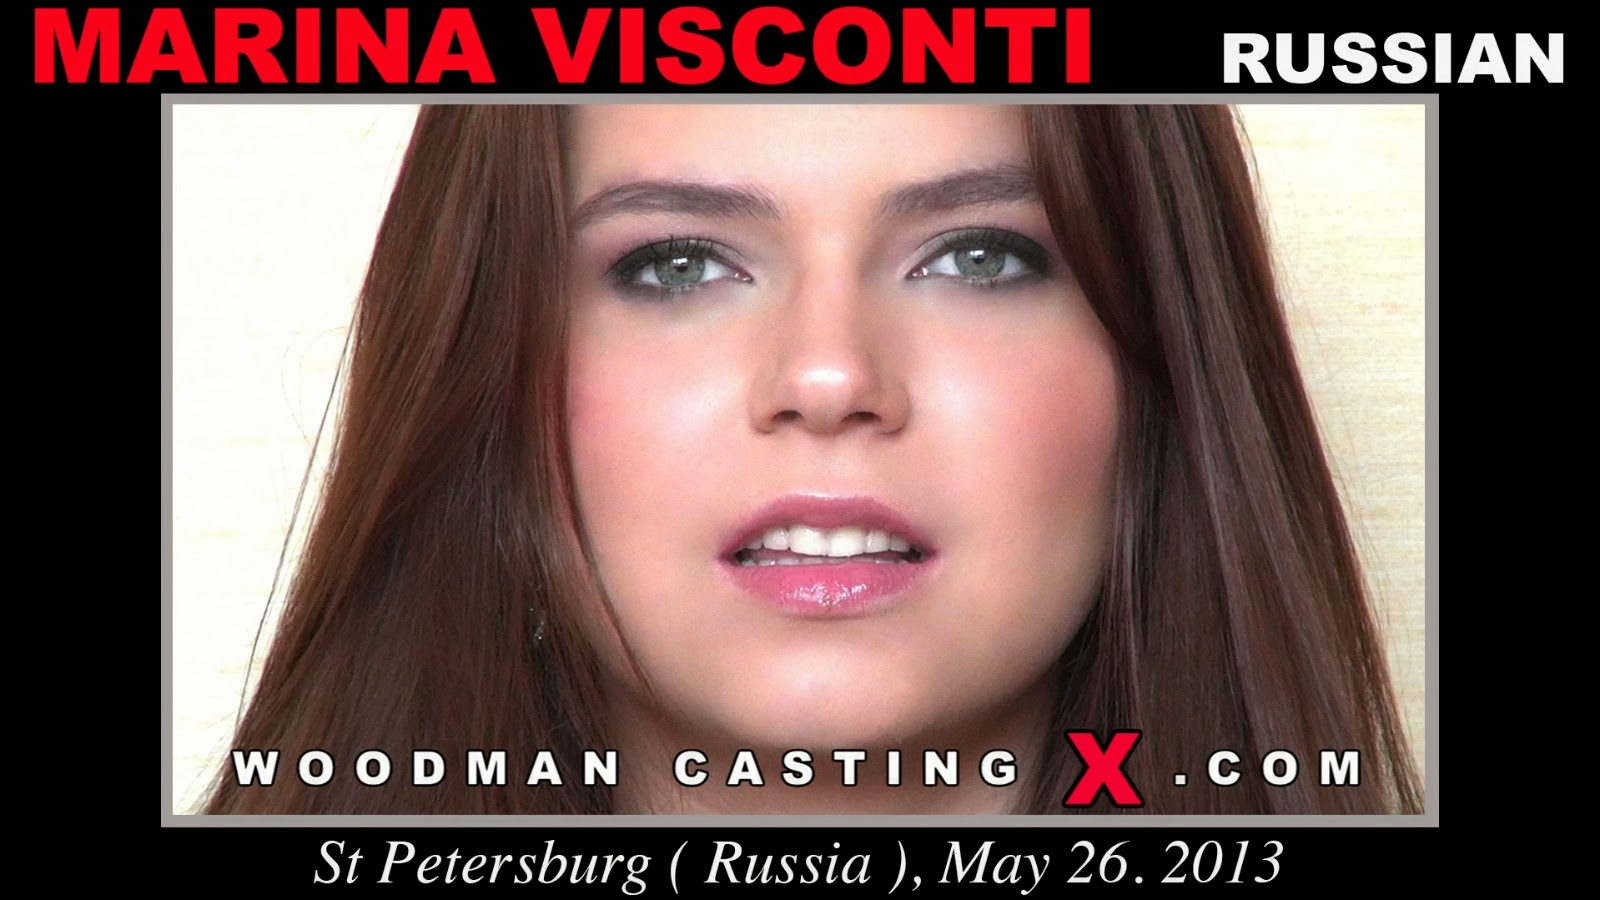 Пьер вудман порно кастинг русских девушек смотреть — img 2